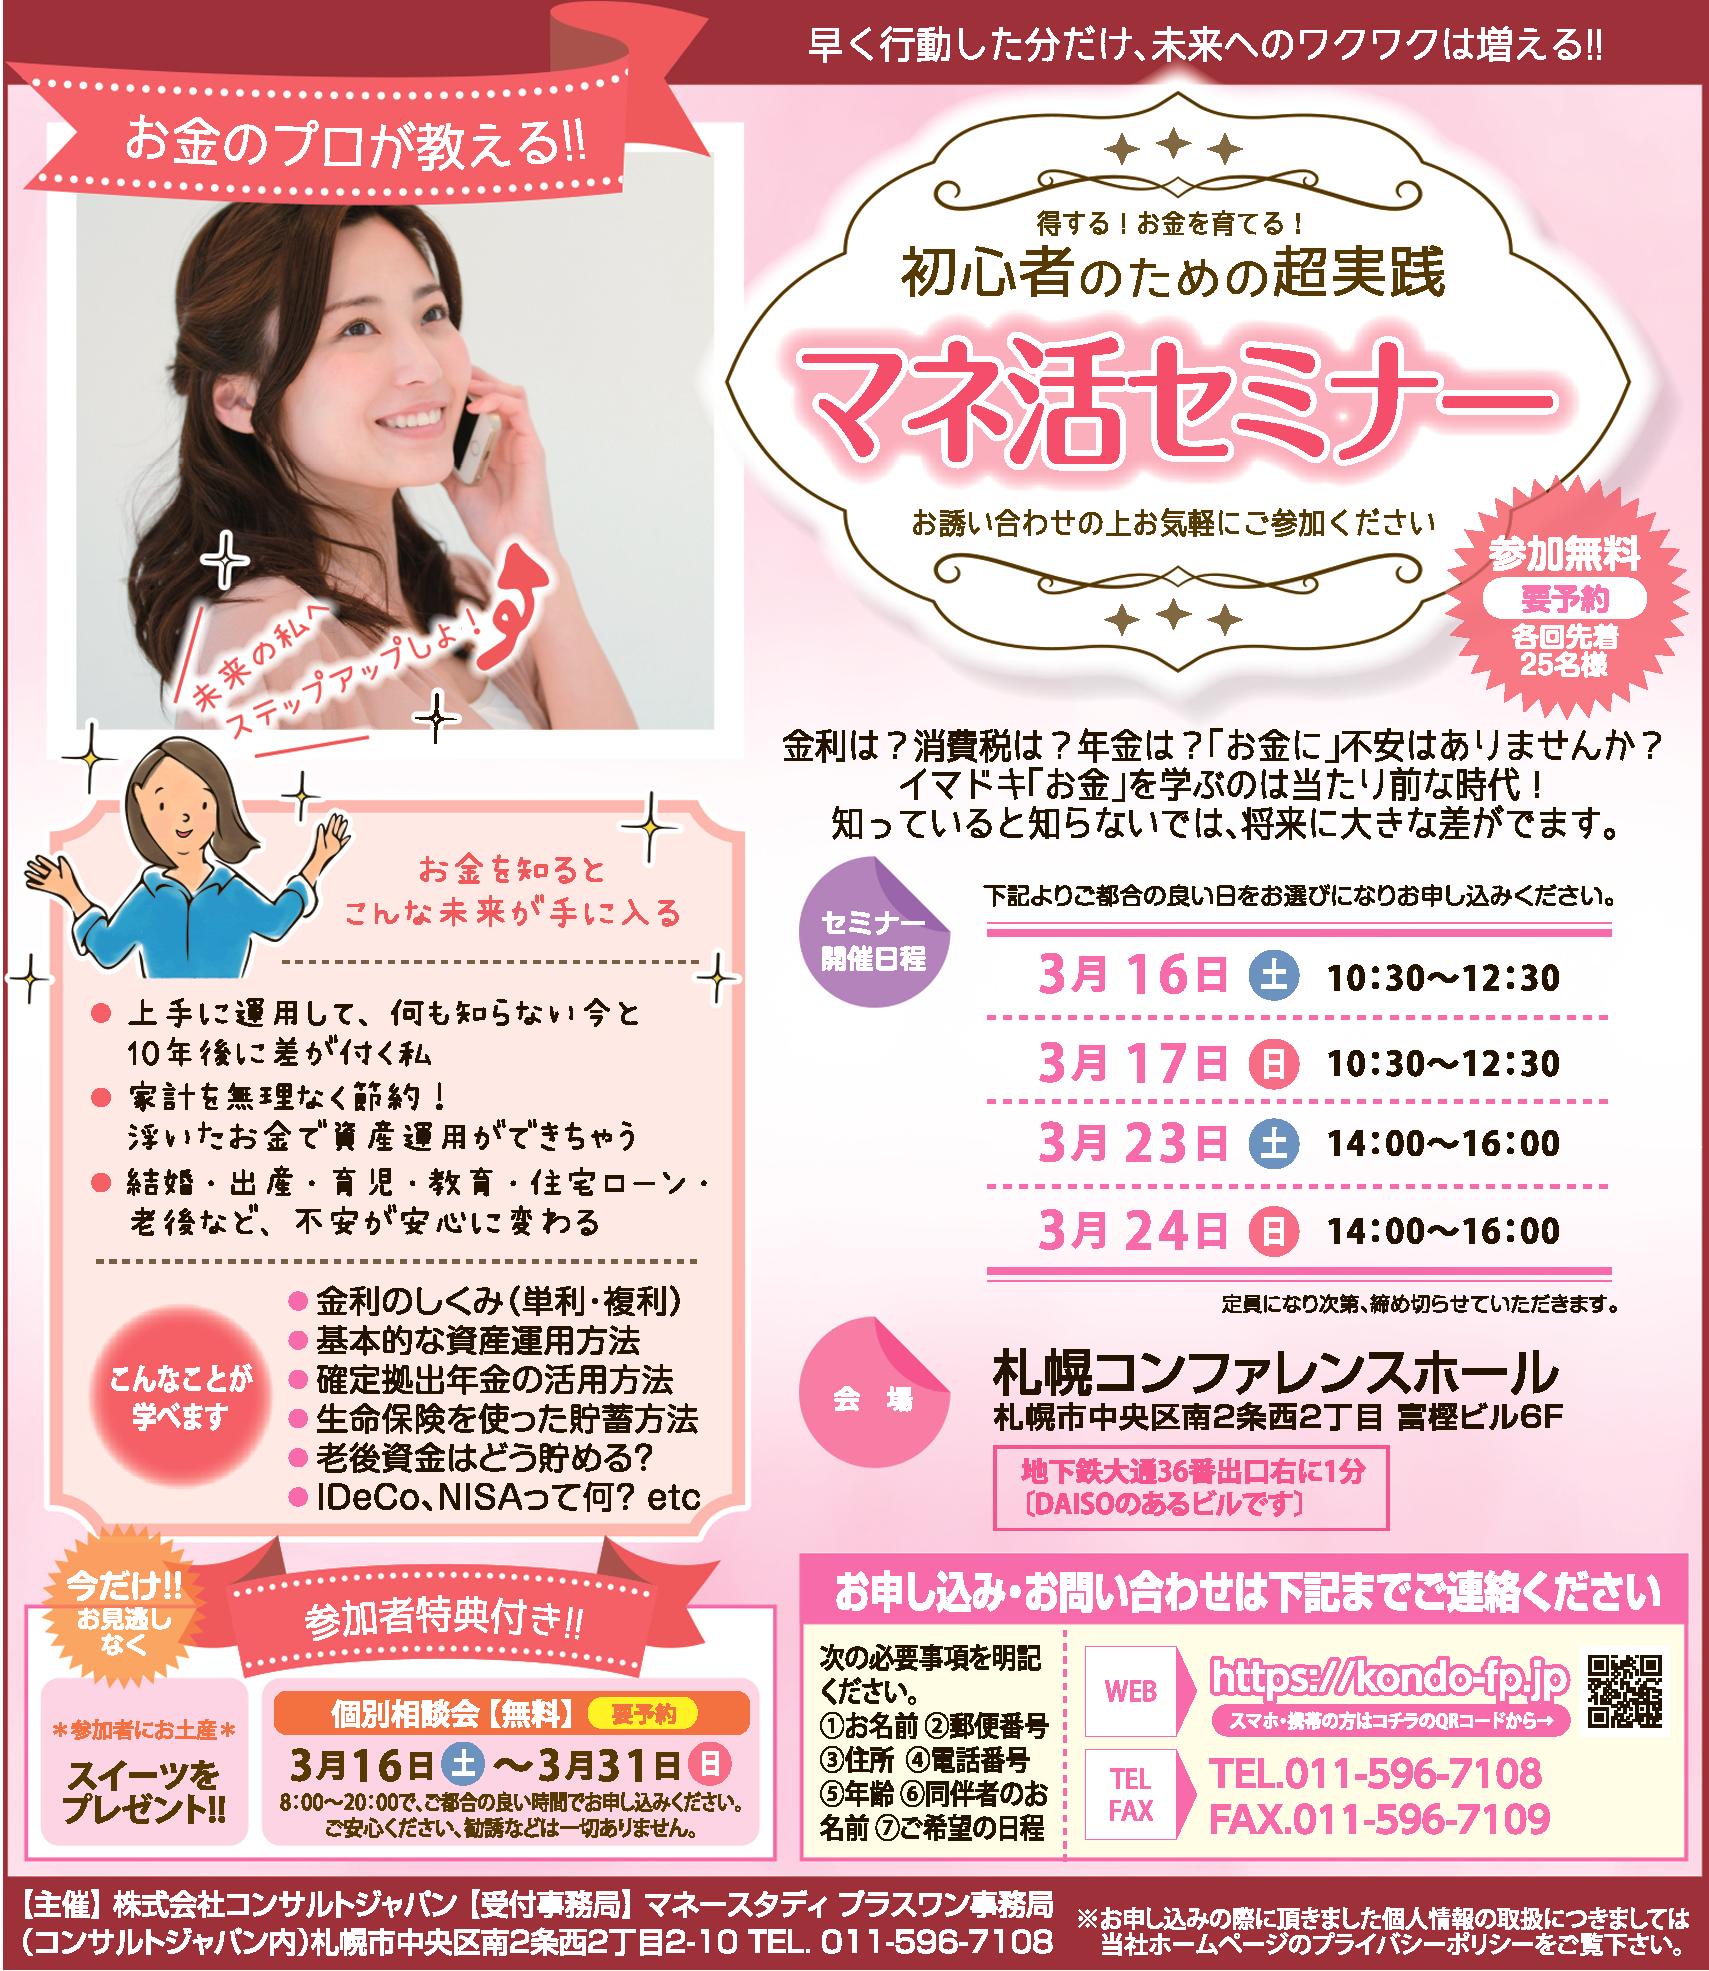 初心者のための超実践マネ活セミナー(札幌)